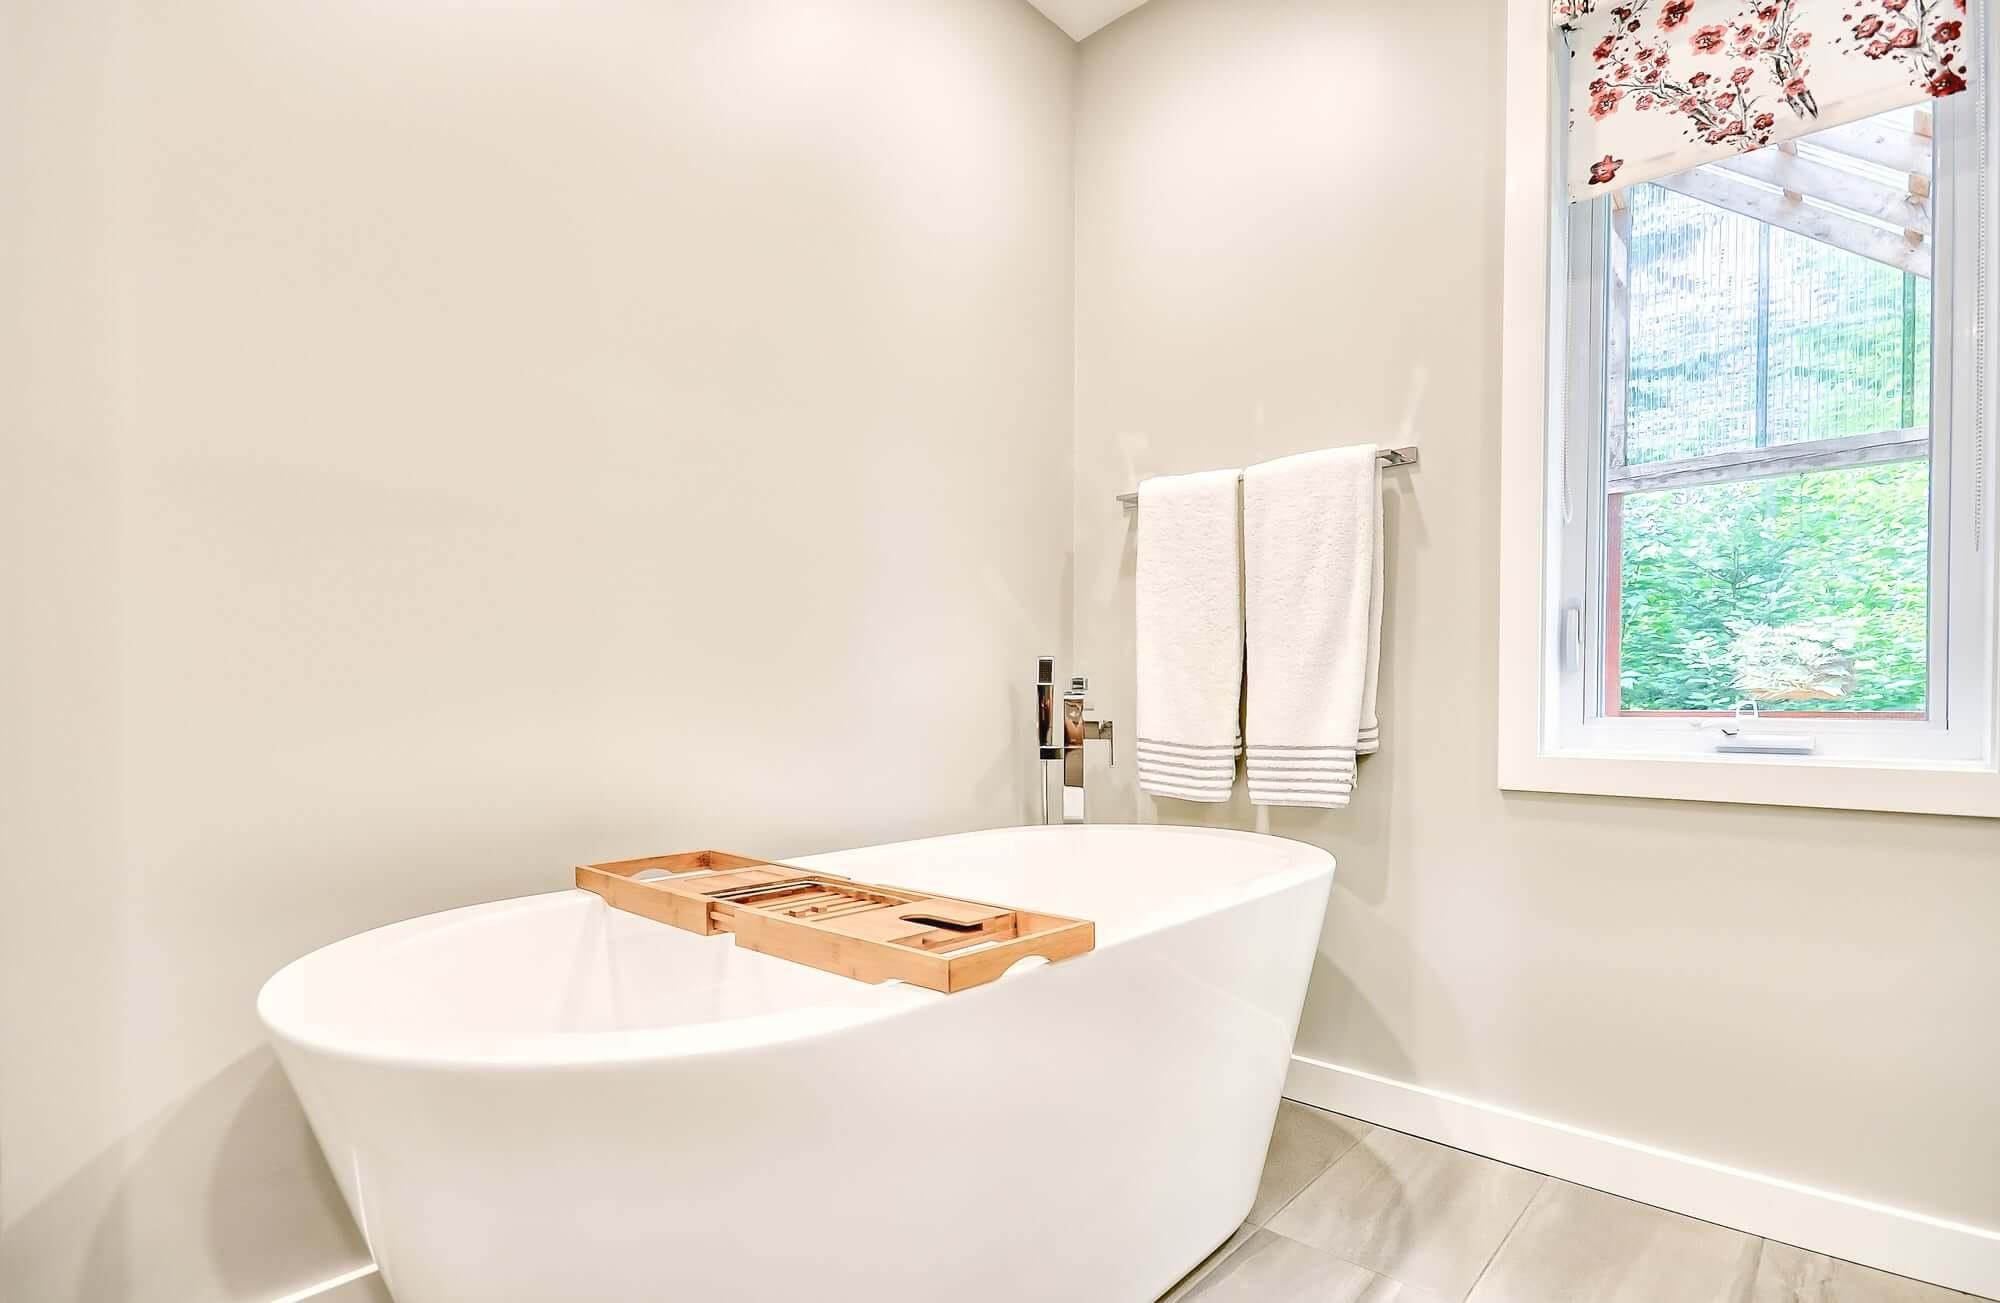 bain autoportant blanc avec murs pâles